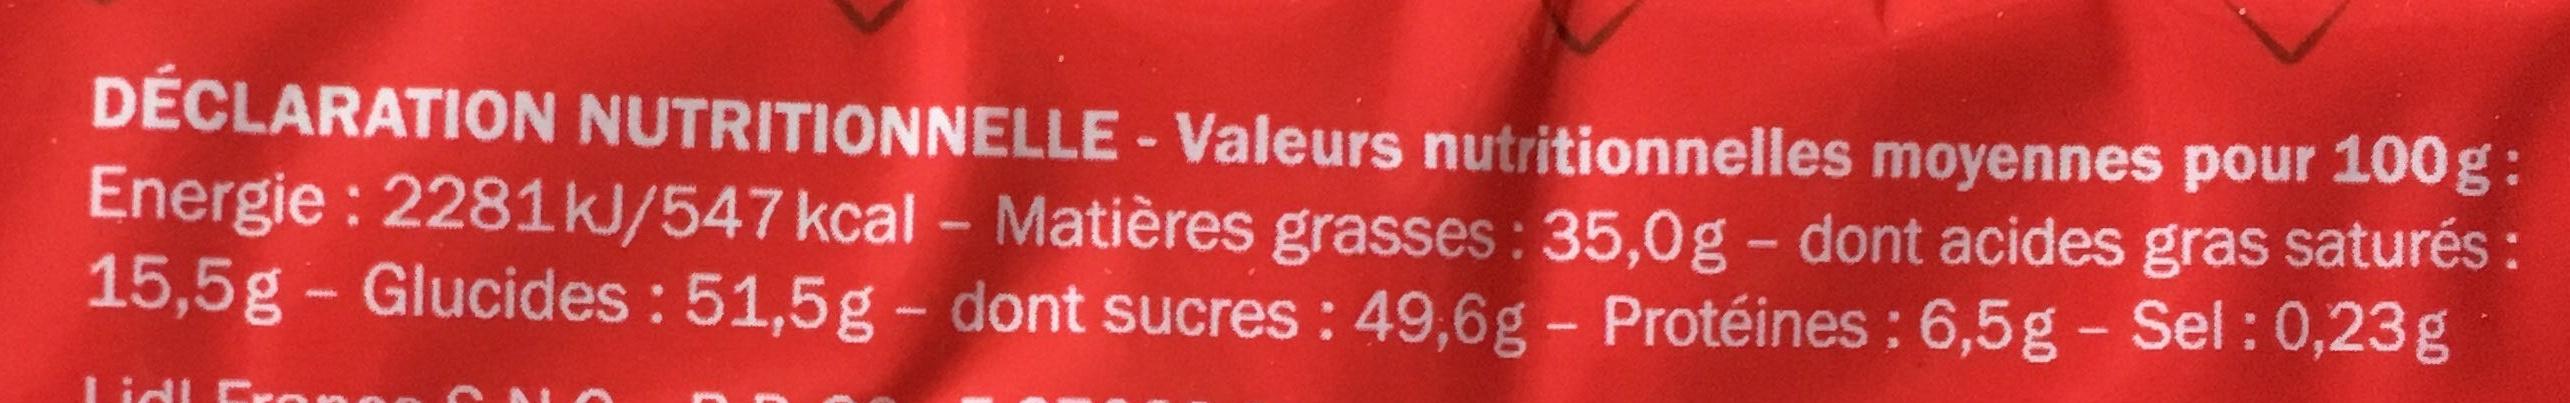 Rocher lait praliné - Nutrition facts - fr